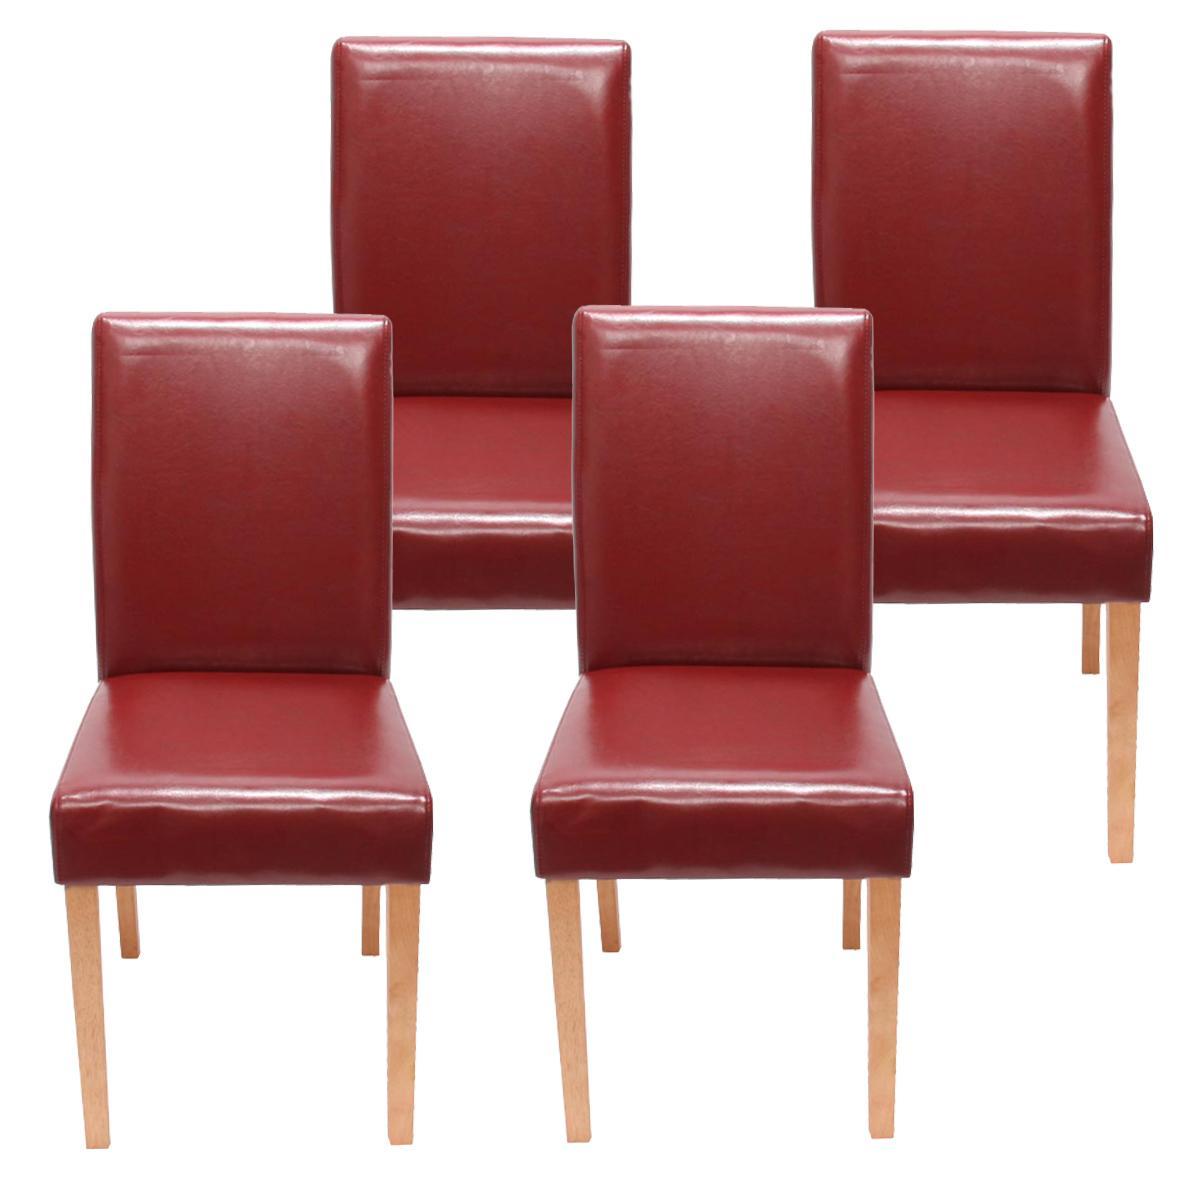 Conjunto 4 sillas de comedor litau precioso dise o piel for Sillas en piel para comedor